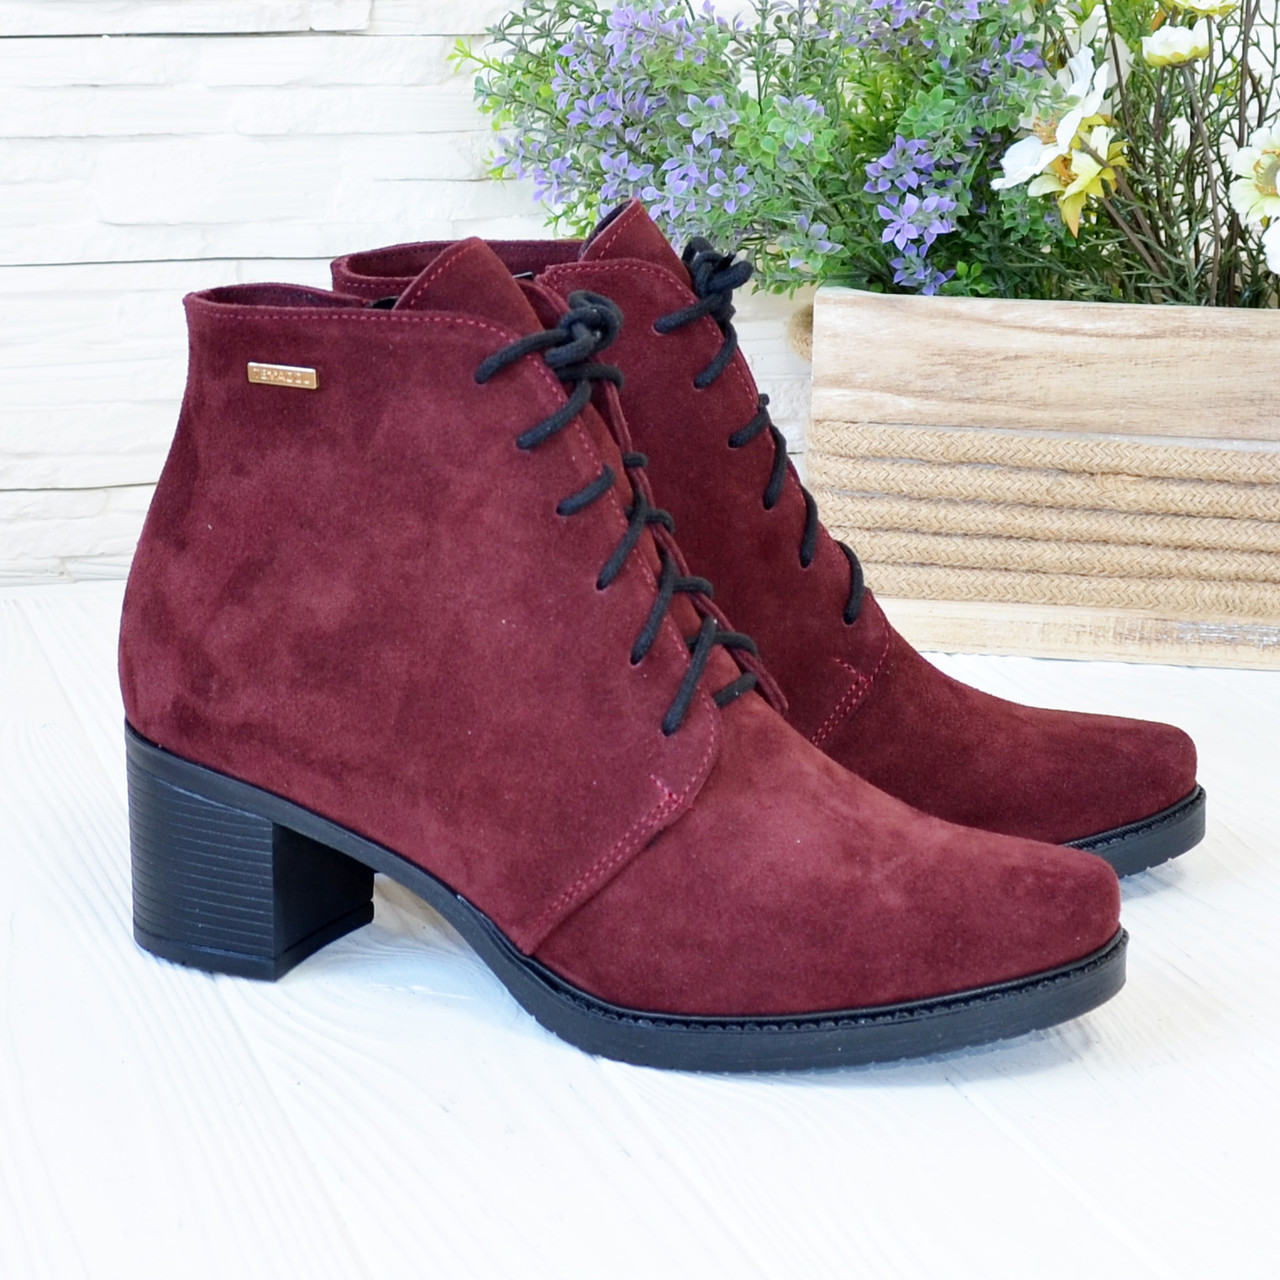 Ботинки замшевые женские на невысоком каблуке, цвет бордо